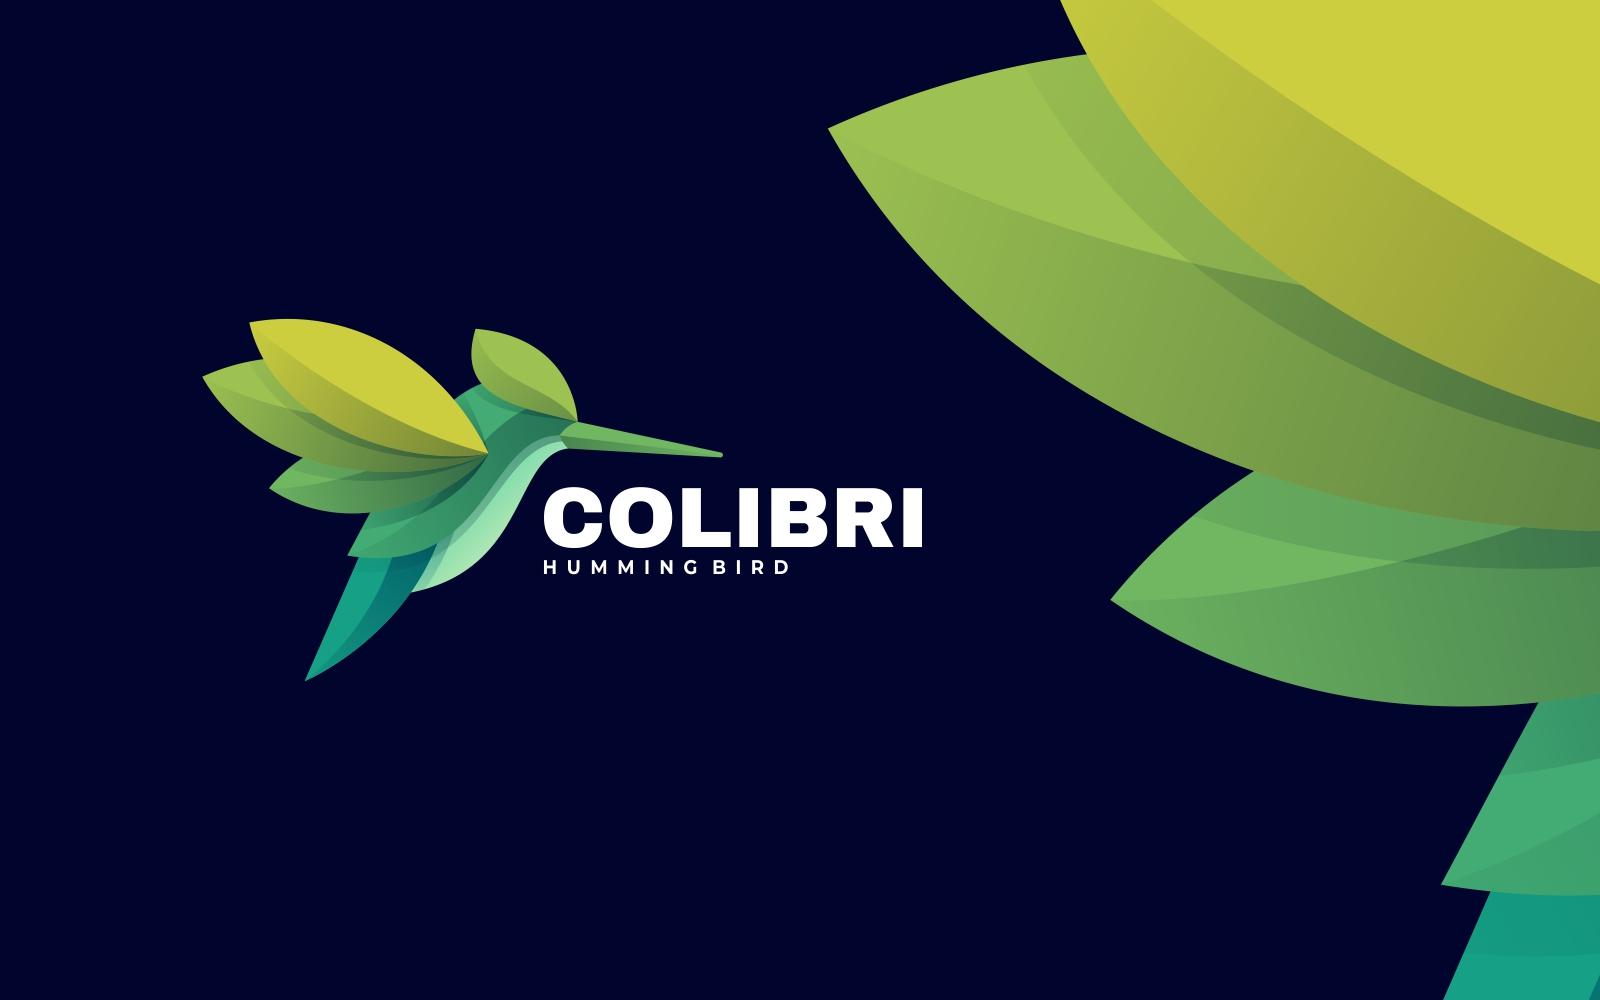 Hummingbird 3D Gradient Green Logo Design Template